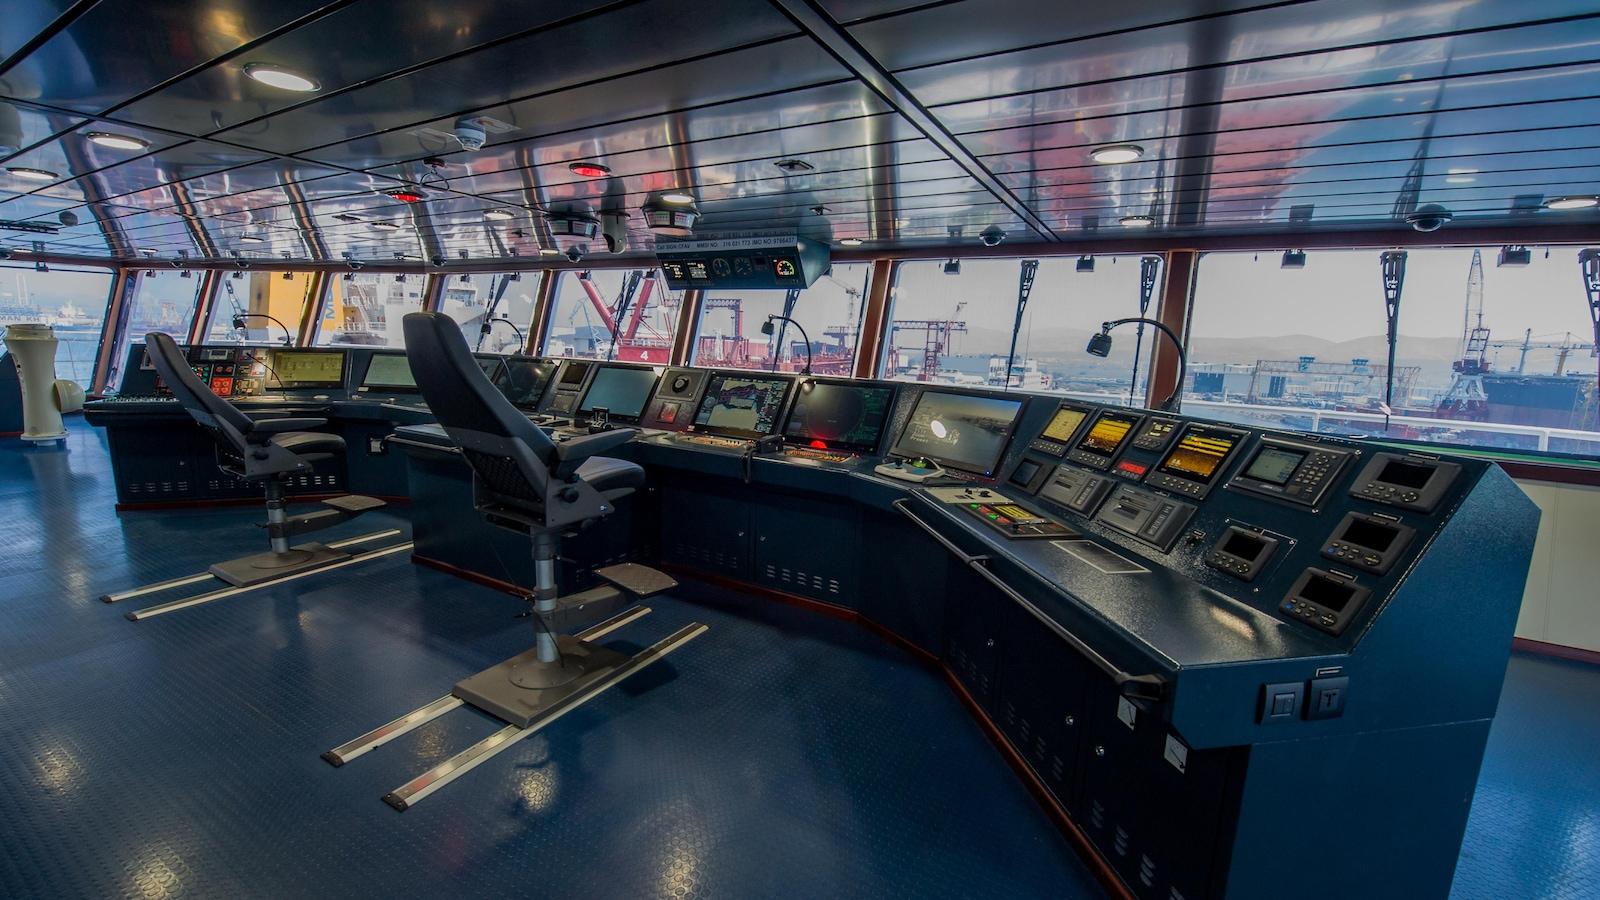 Intérieur du bateau avec centre de navigation et ordinateurs